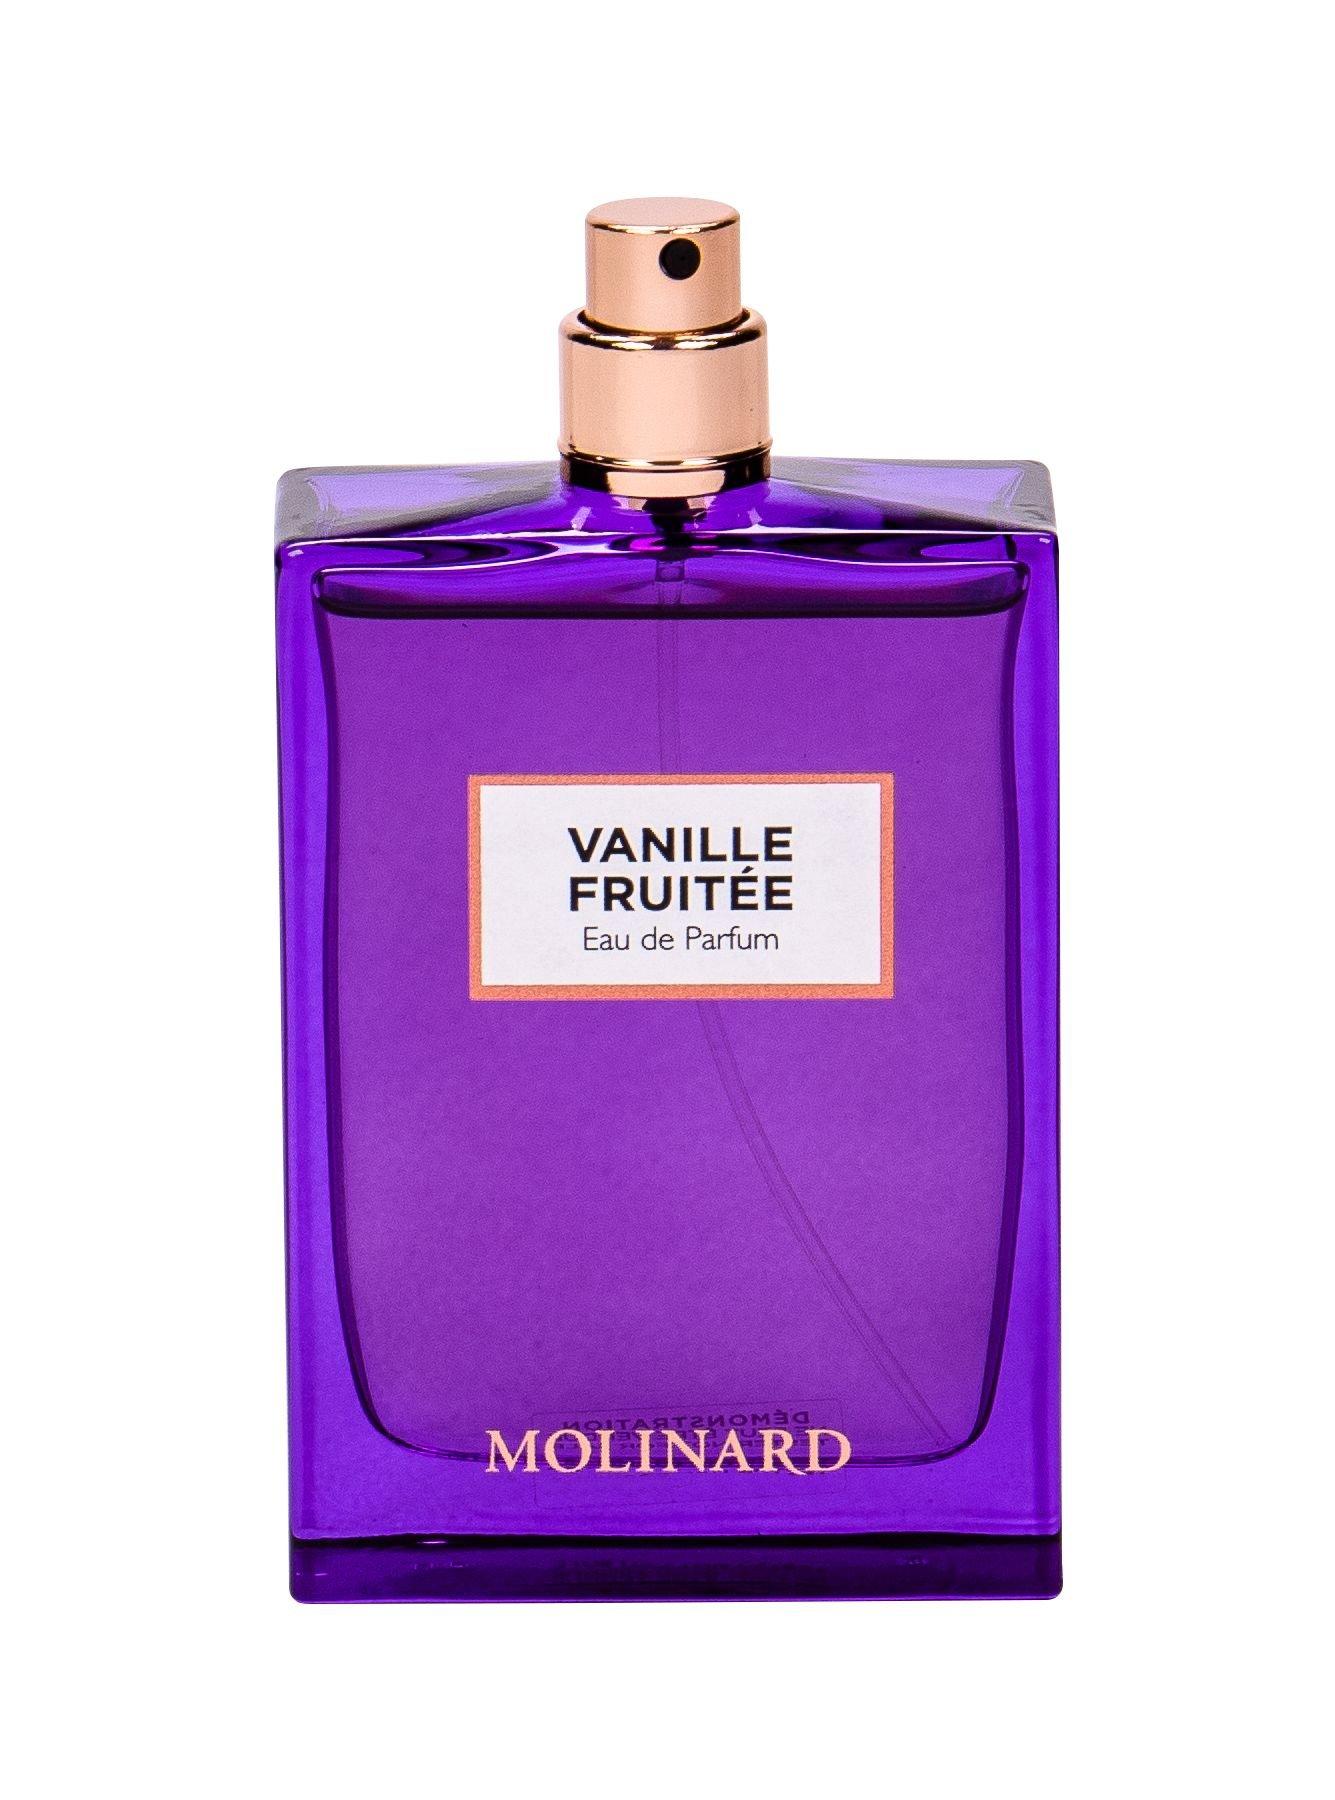 Molinard Les Elements Collection Eau de Parfum 75ml  Vanille Fruitée